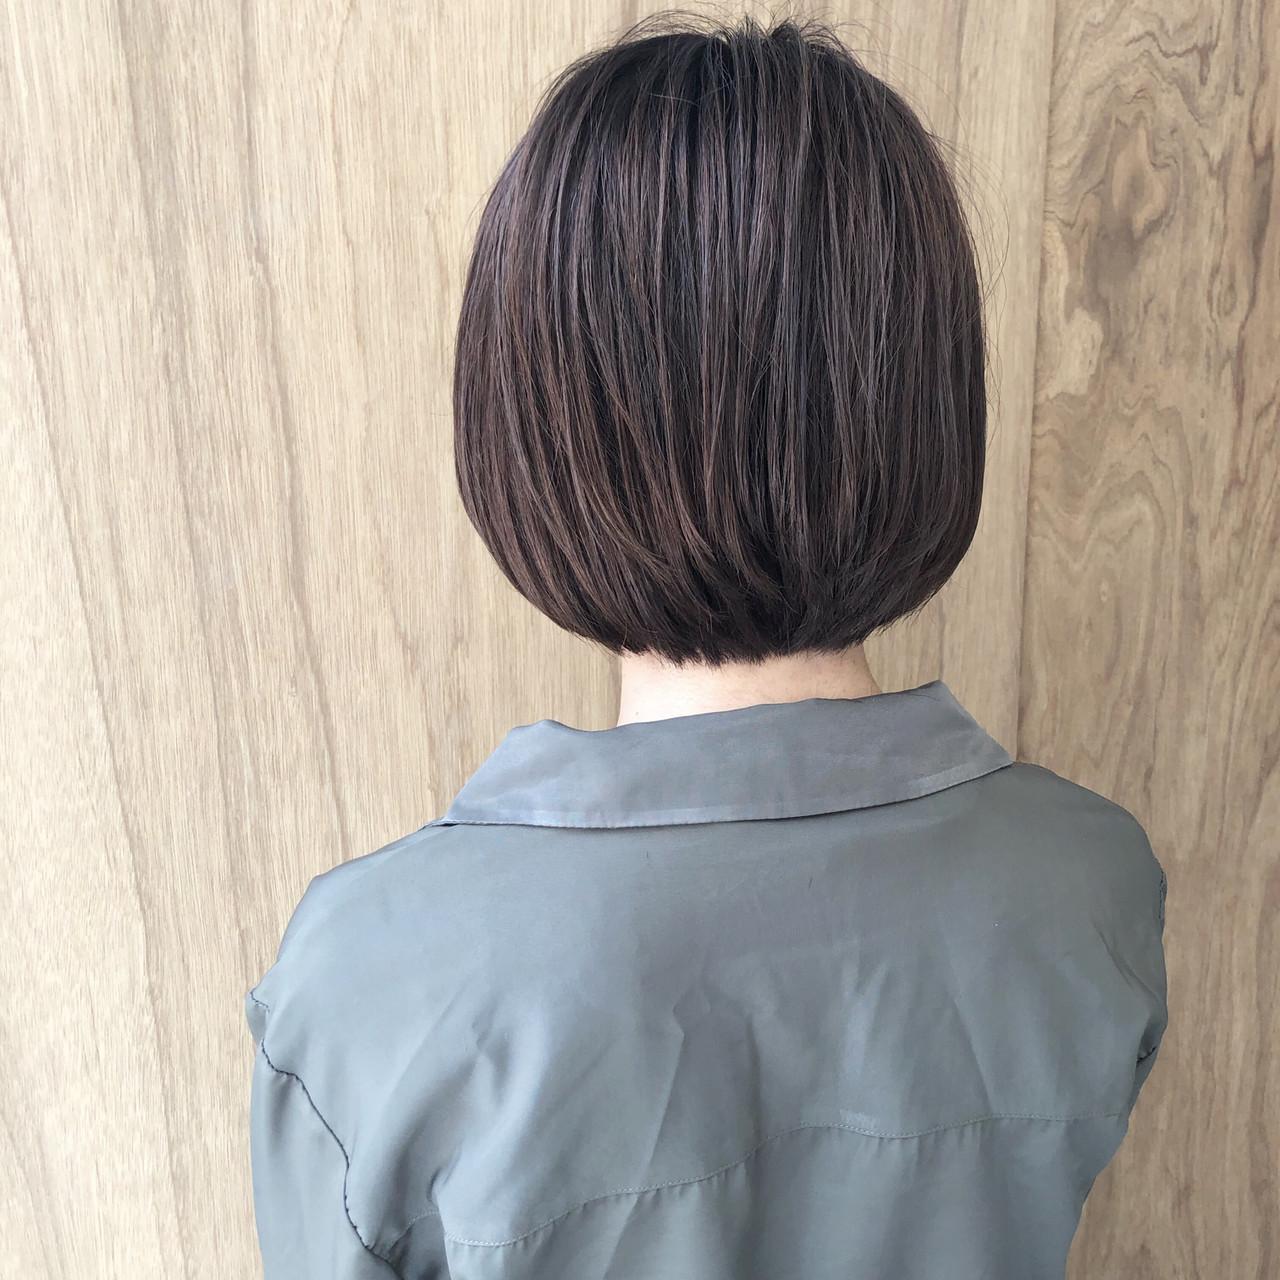 ボブ 外ハネボブ ハンサムショート 切りっぱなしボブ ヘアスタイルや髪型の写真・画像